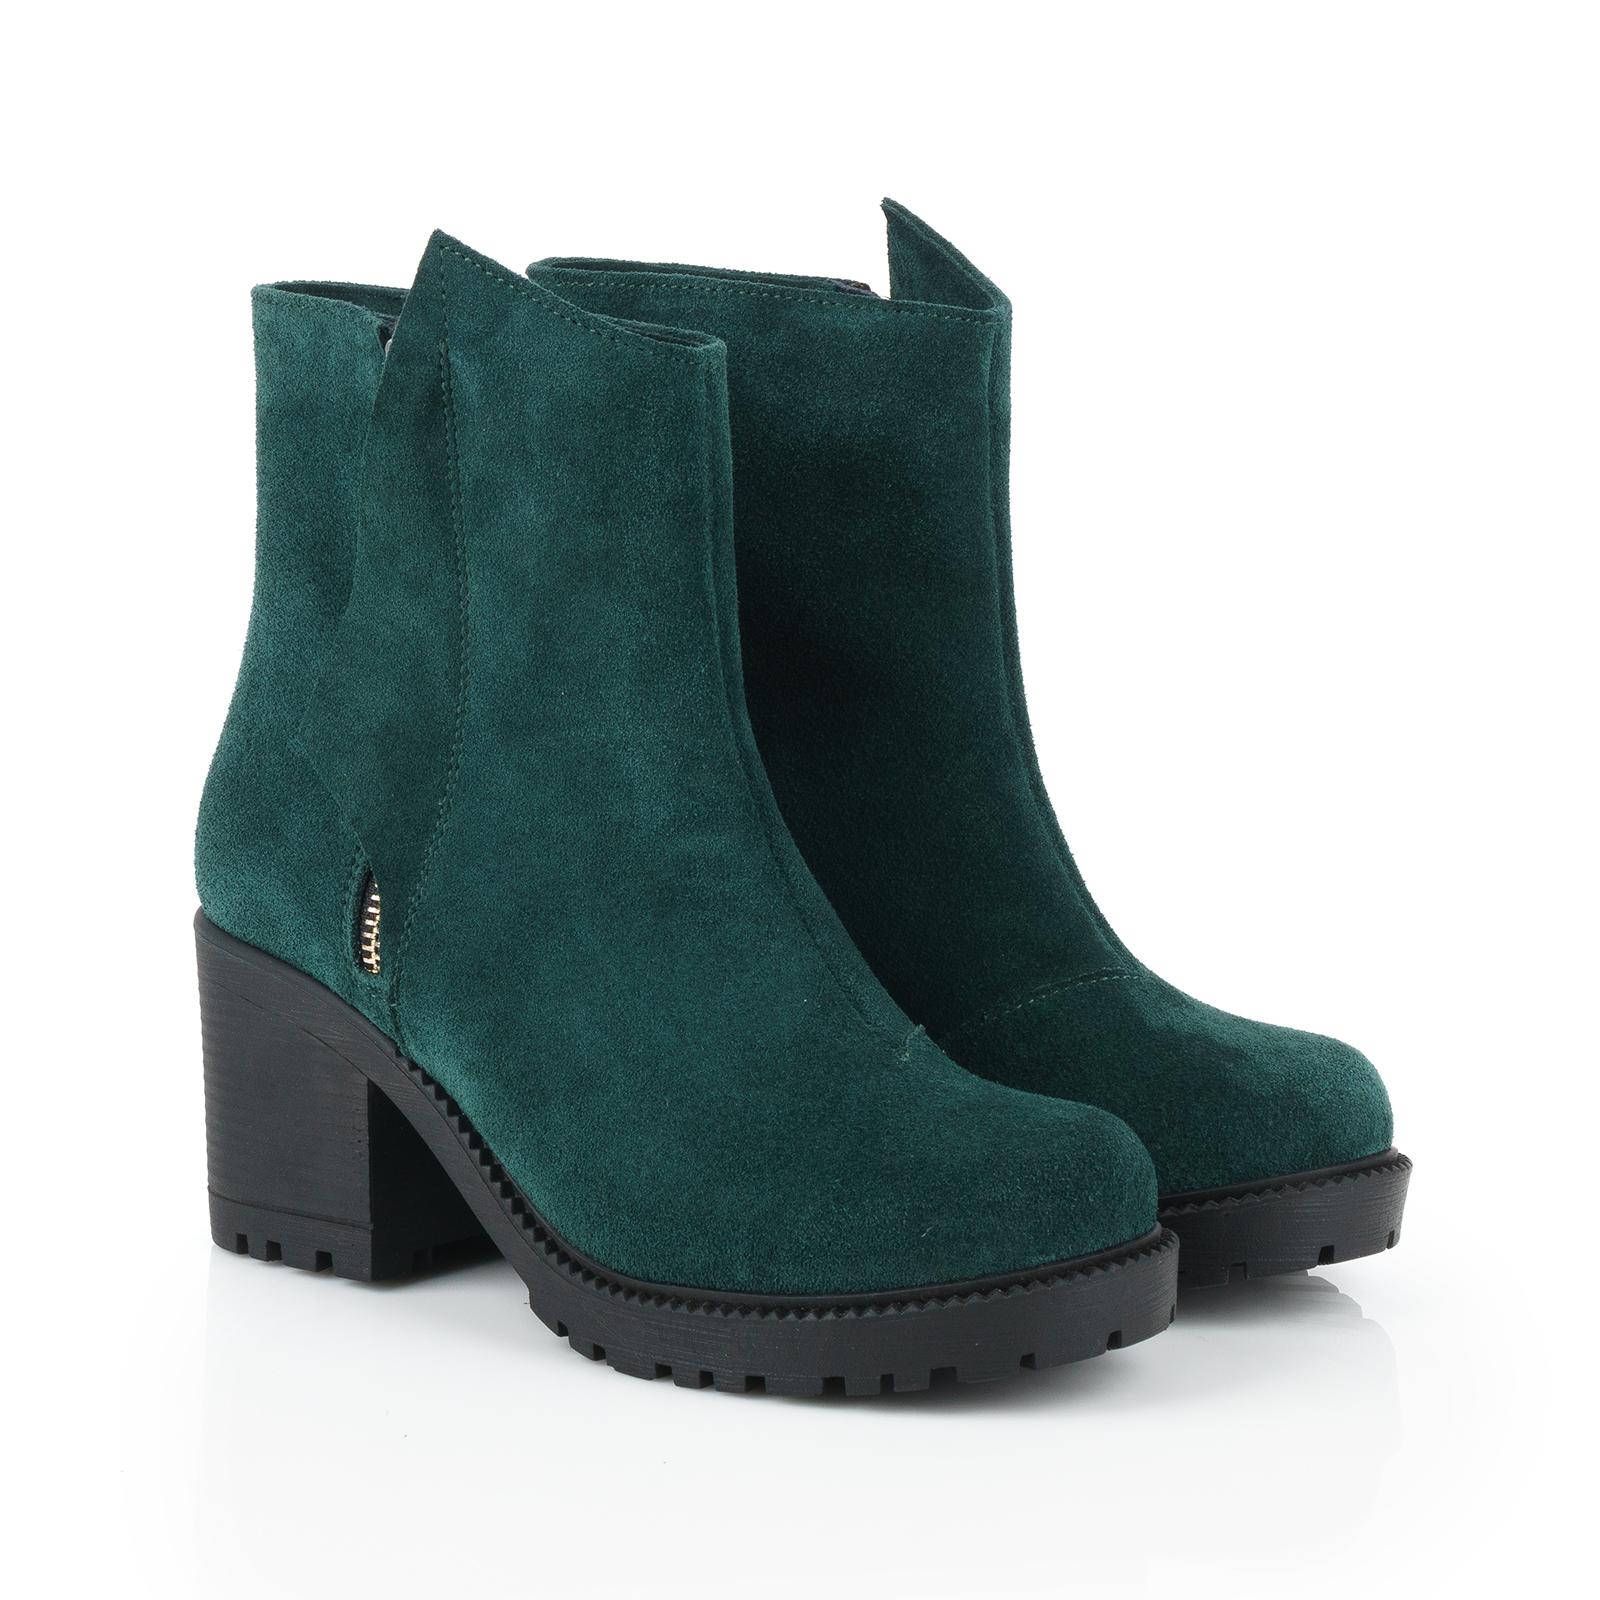 Ботинки для женщин Ботинки Молния замшевые на байке зеленые 100040 обувь бренда, 2017